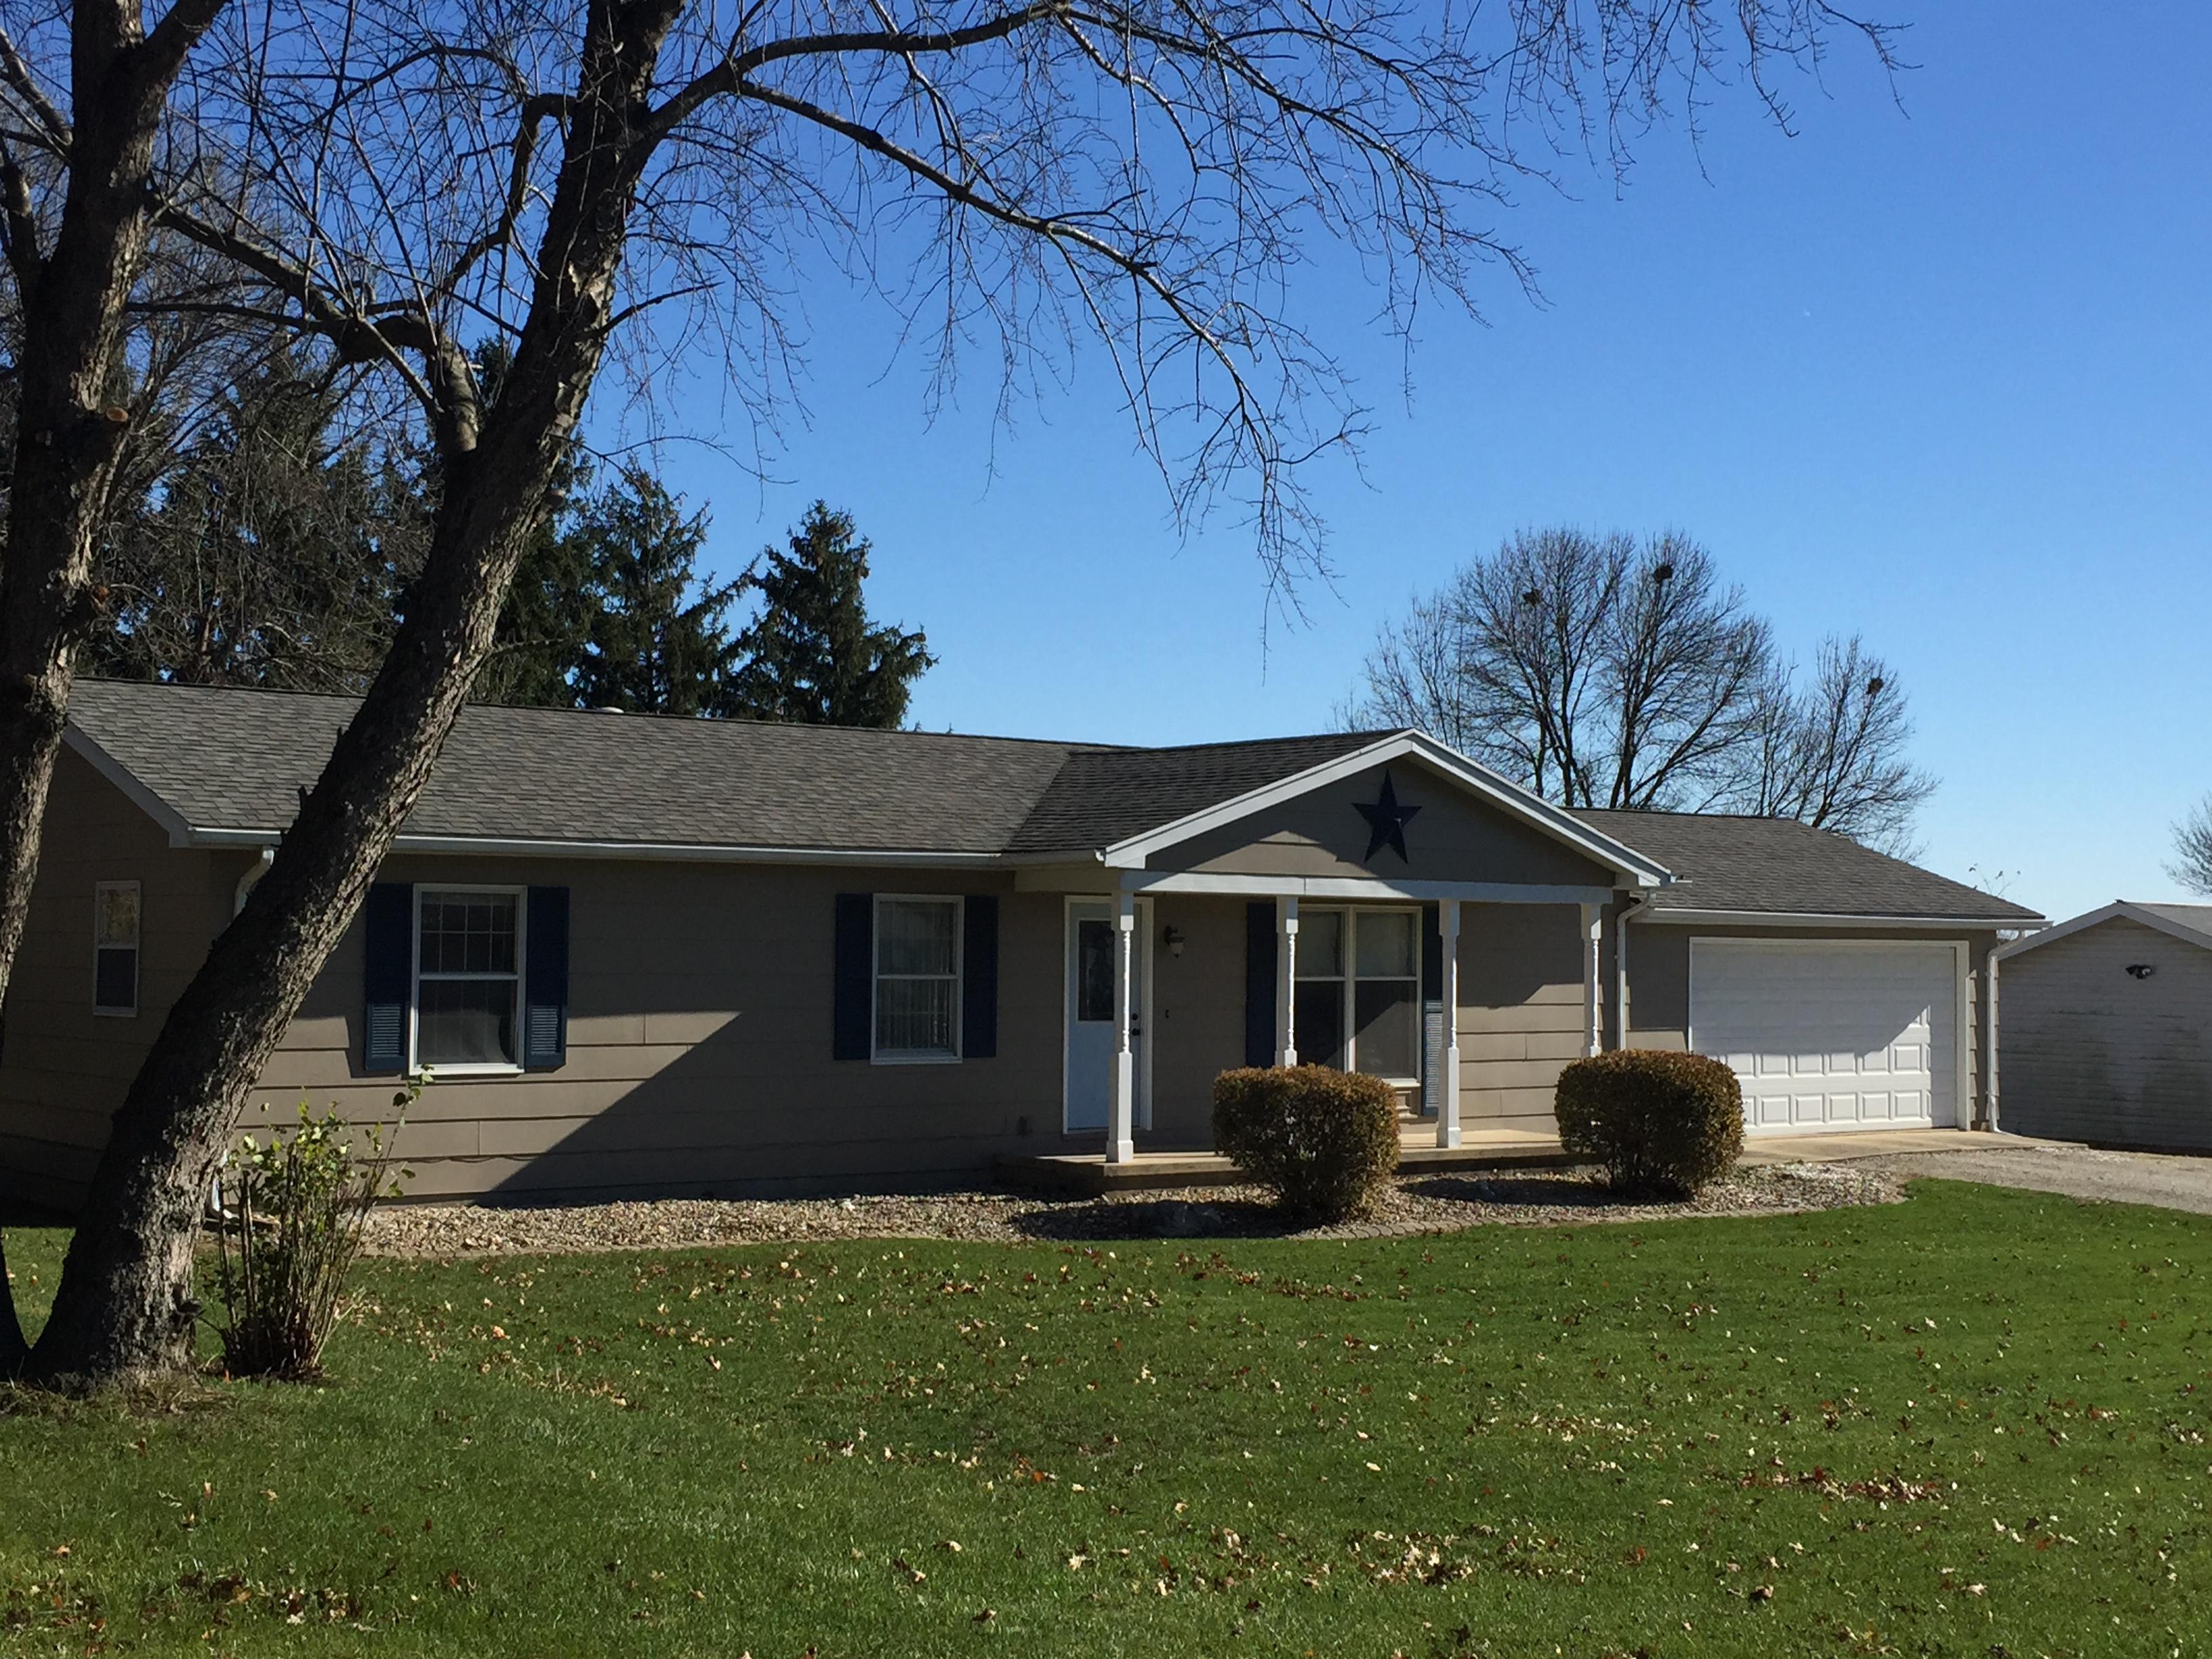 811 S High, Paxton, Illinois 60957